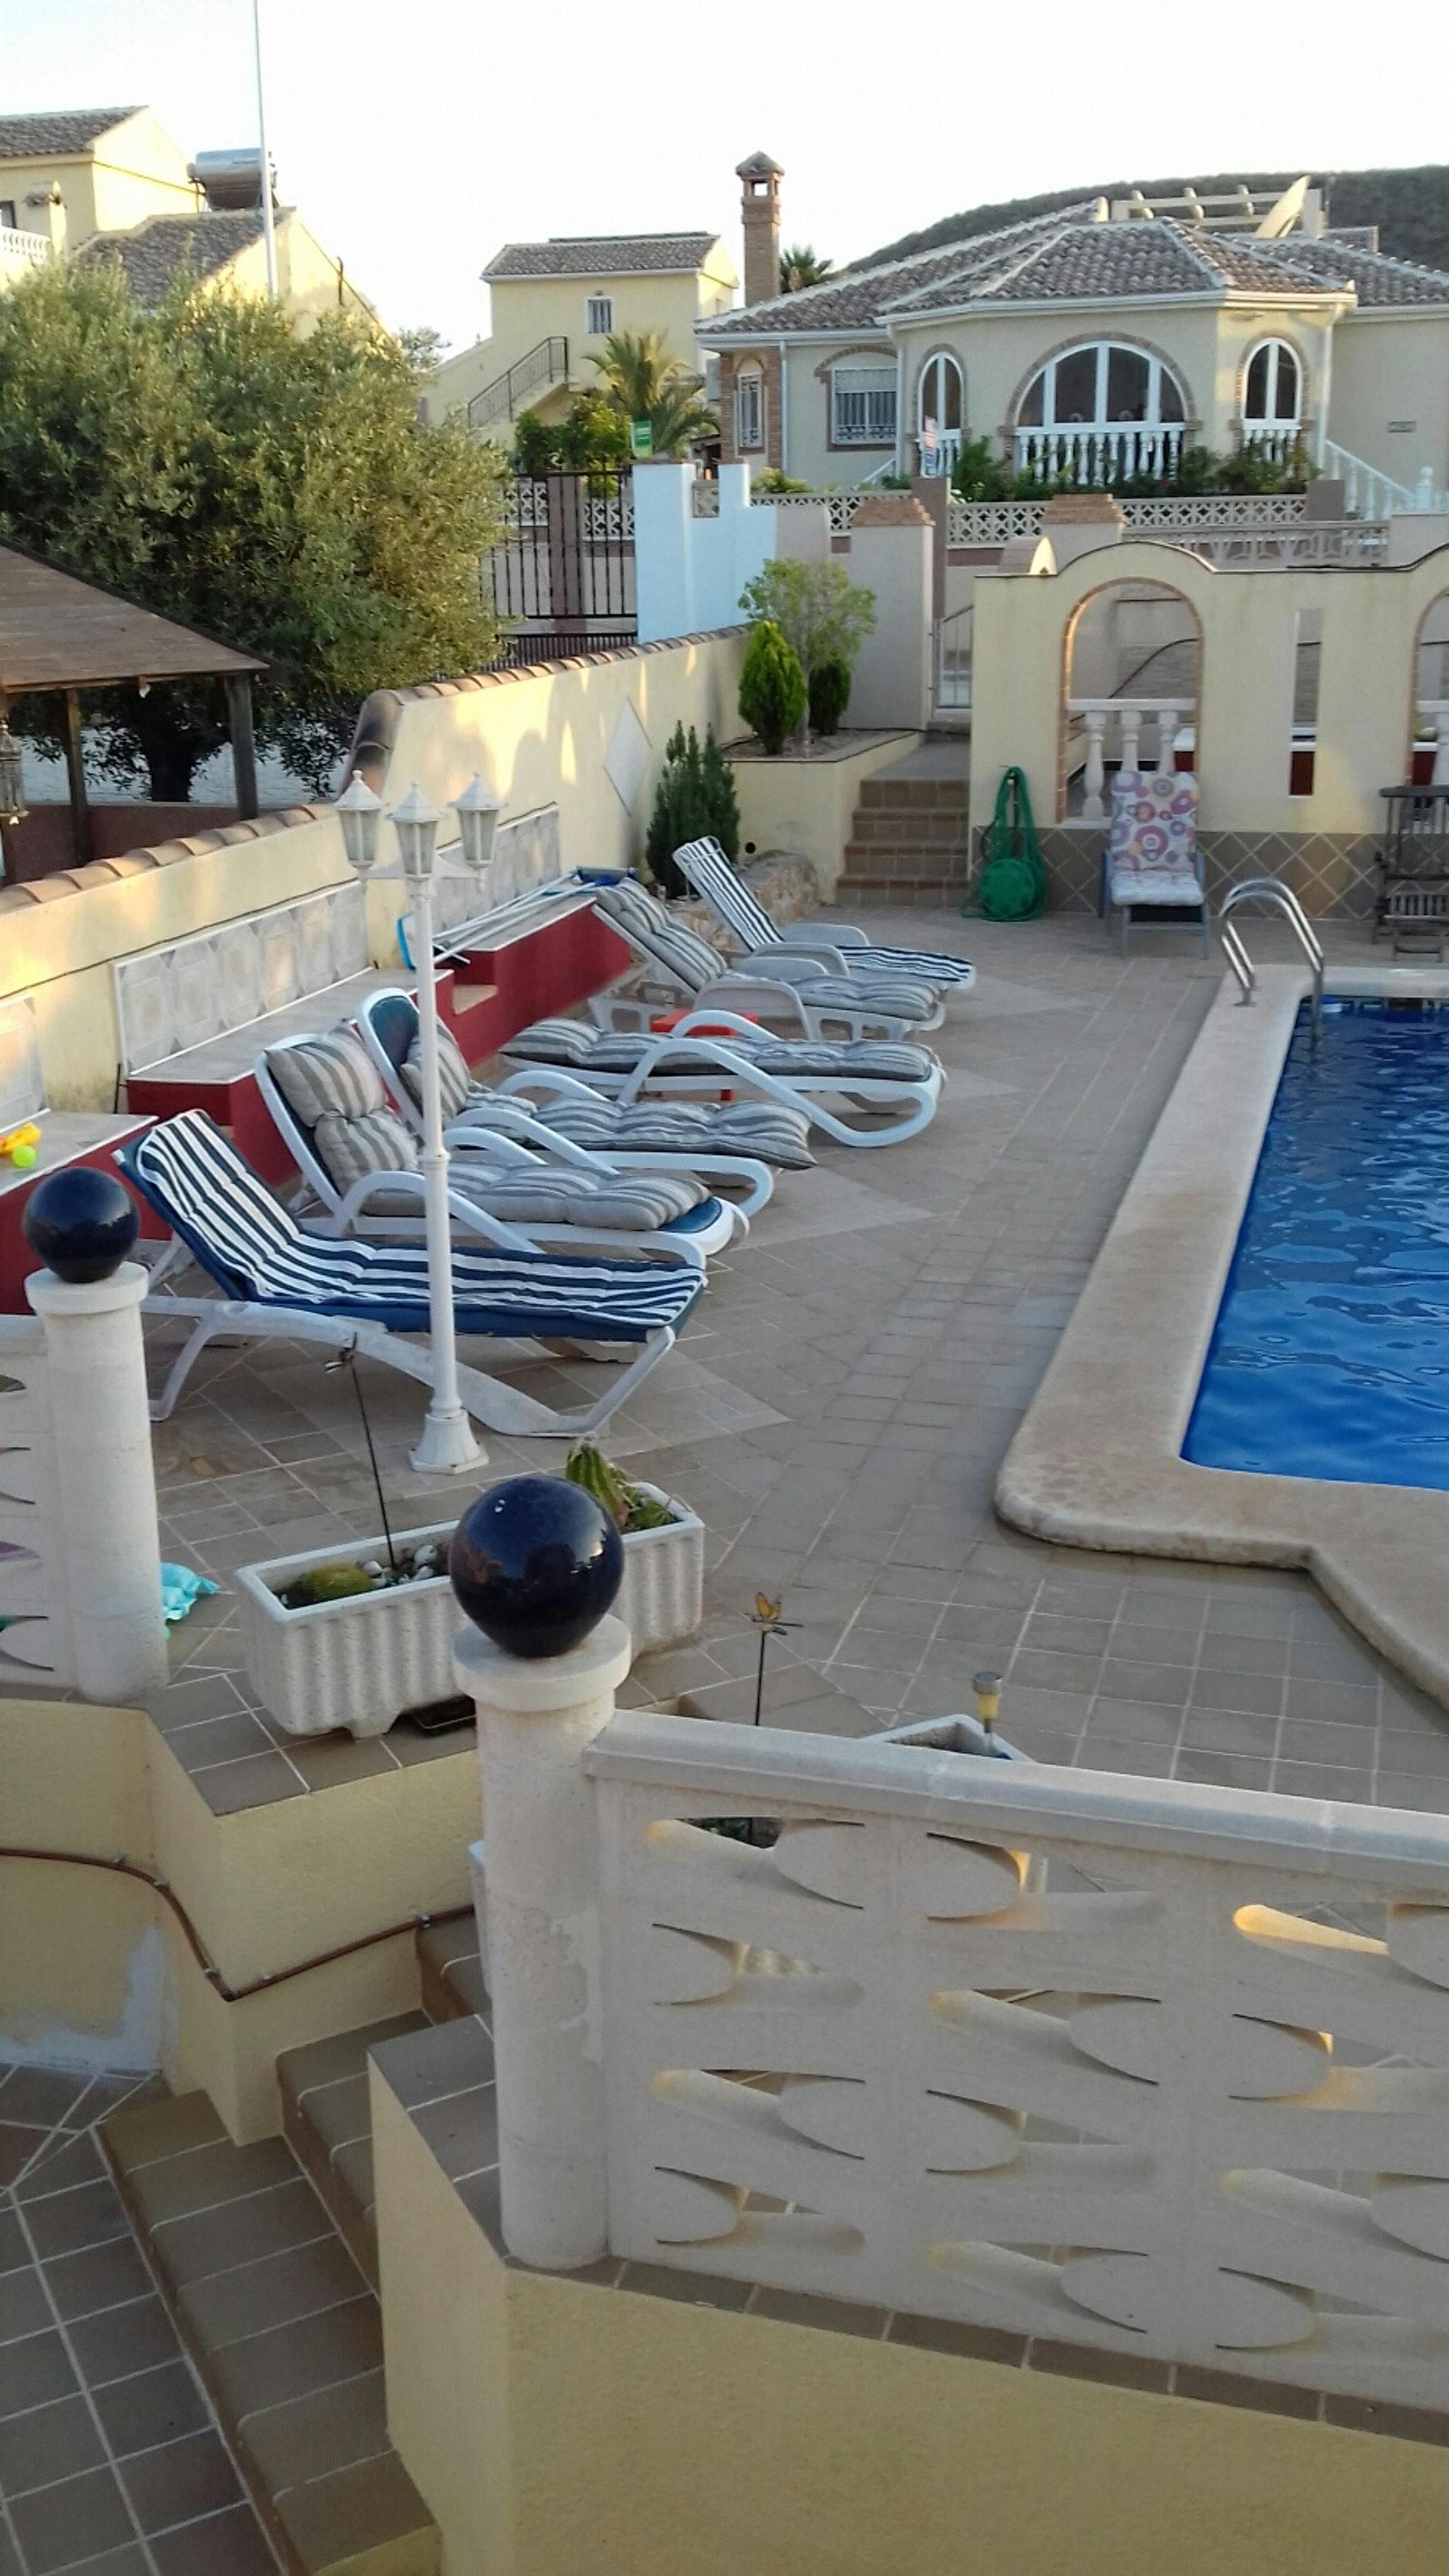 Maison de vacances Villa mit 2 Schlafzimmern in Mazarrón mit toller Aussicht auf die Berge, privatem Pool, ei (2632538), Mazarron, Costa Calida, Murcie, Espagne, image 12